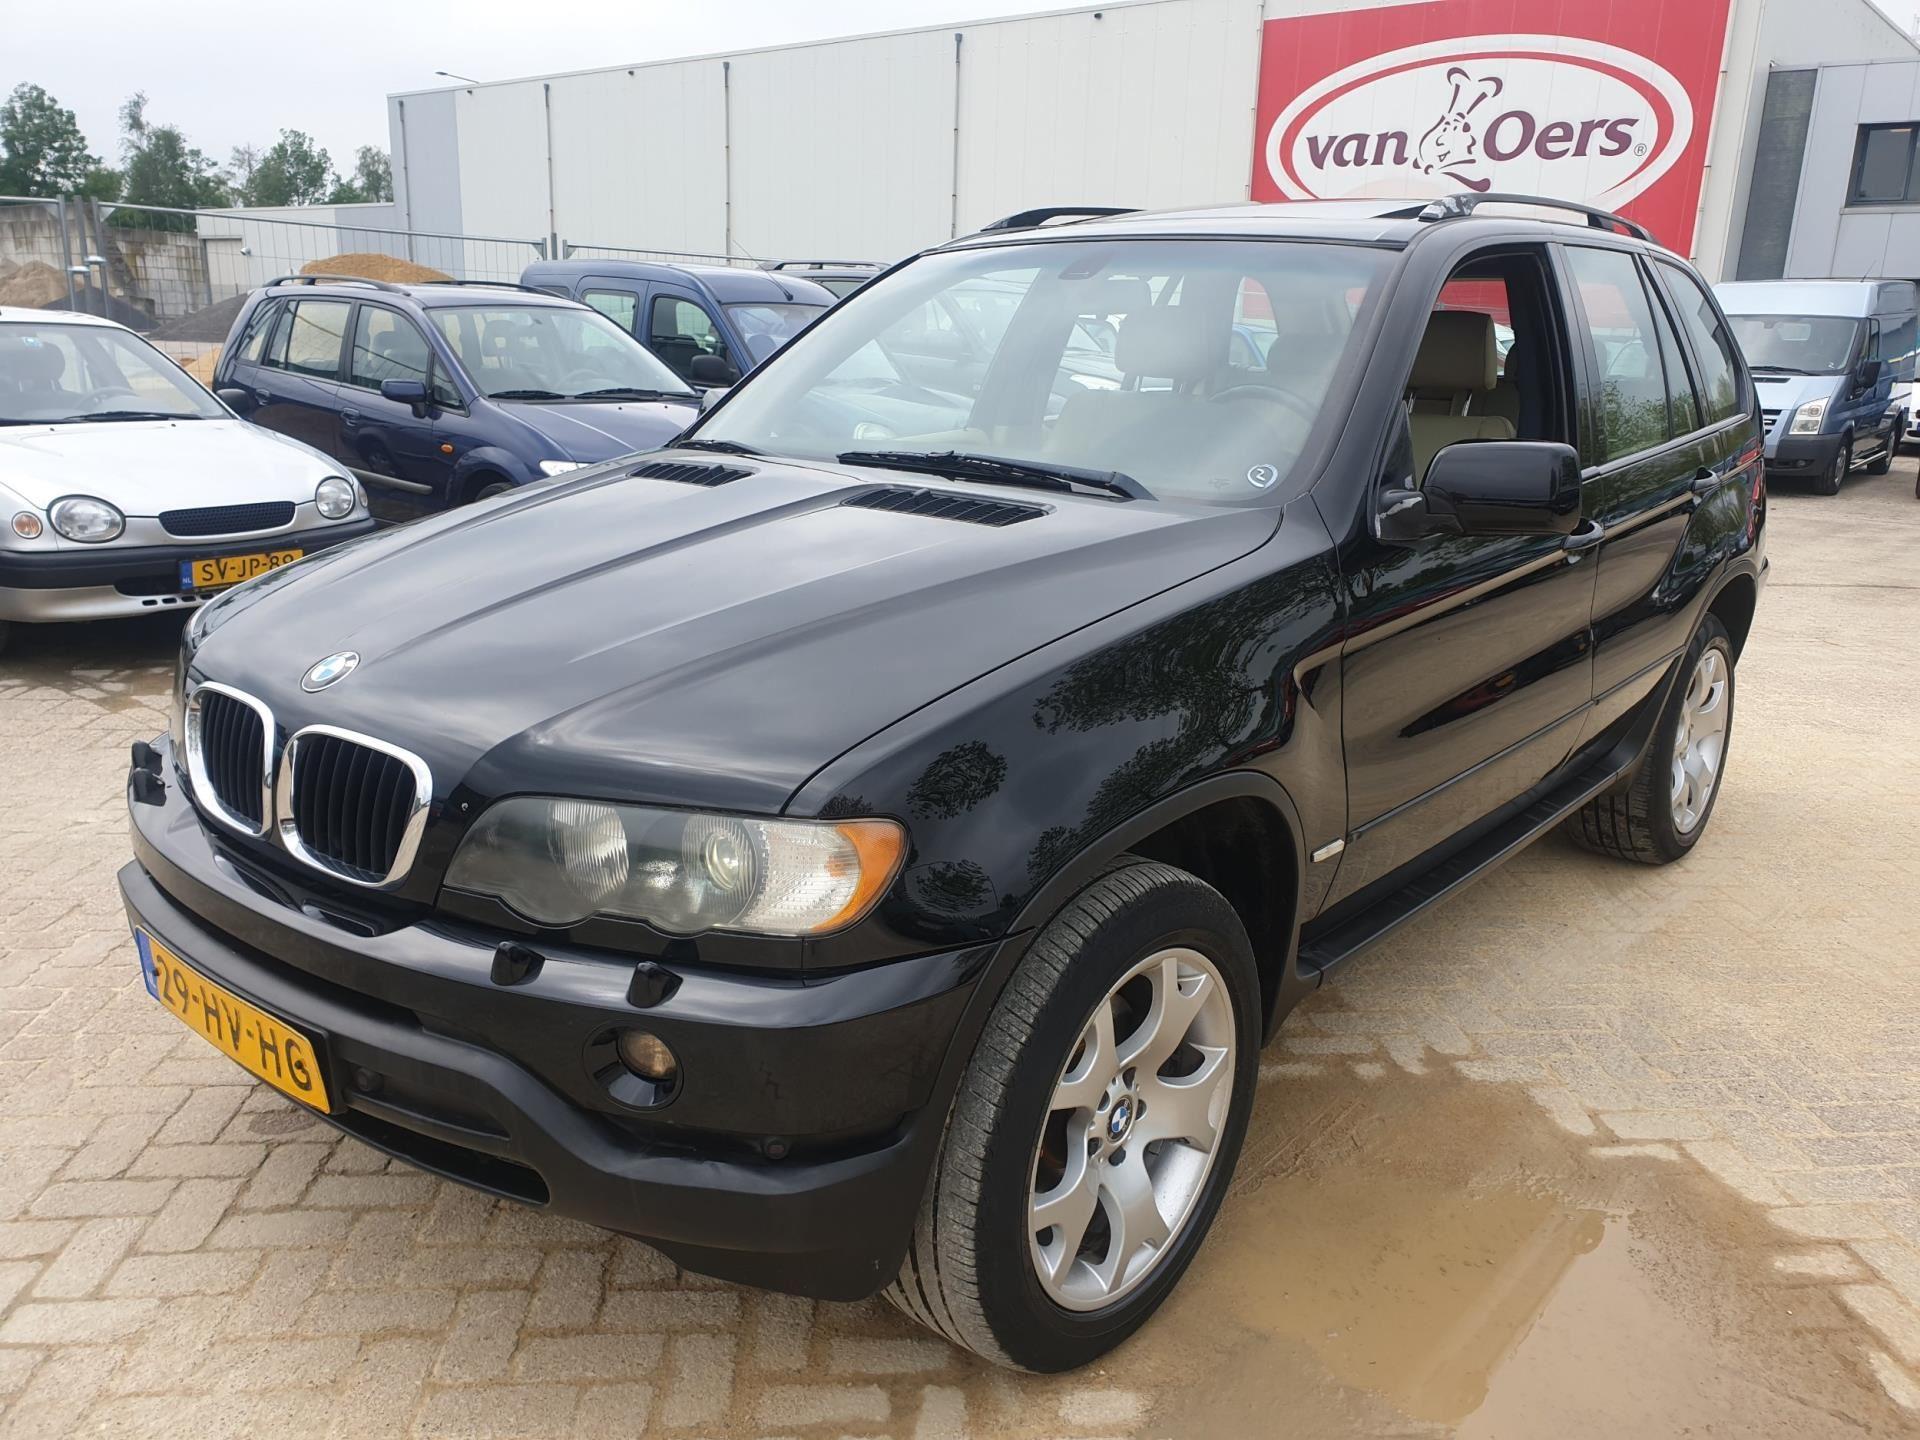 BMW X5 occasion - A2 Auto's